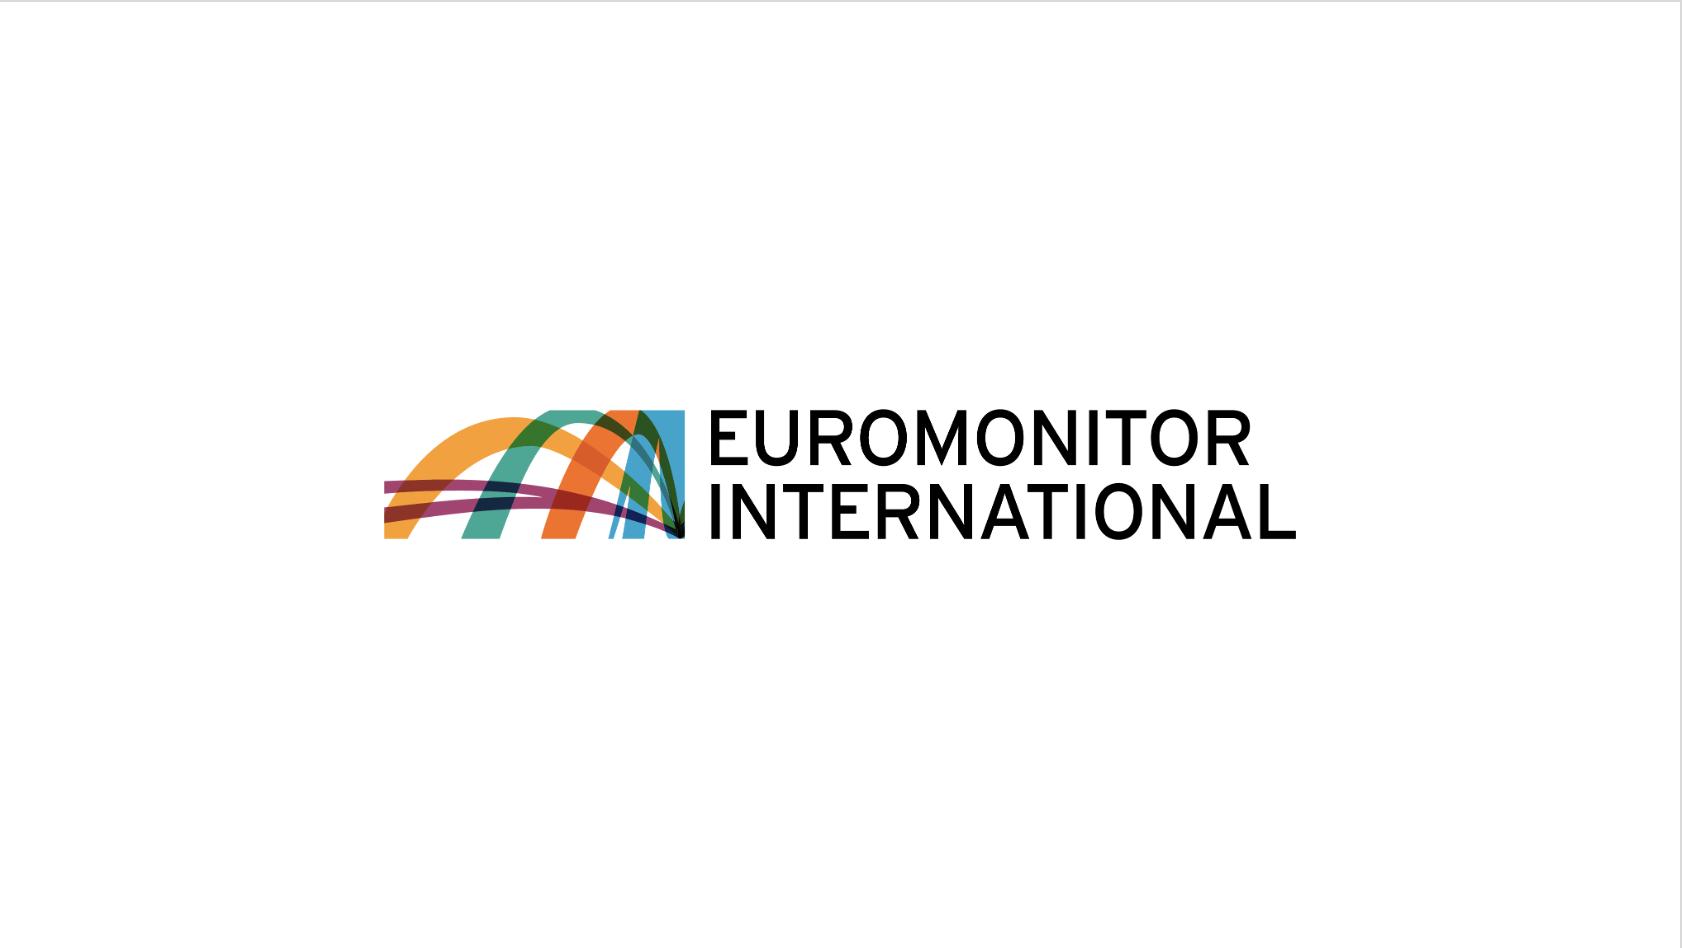 Euromonitor International (HK)